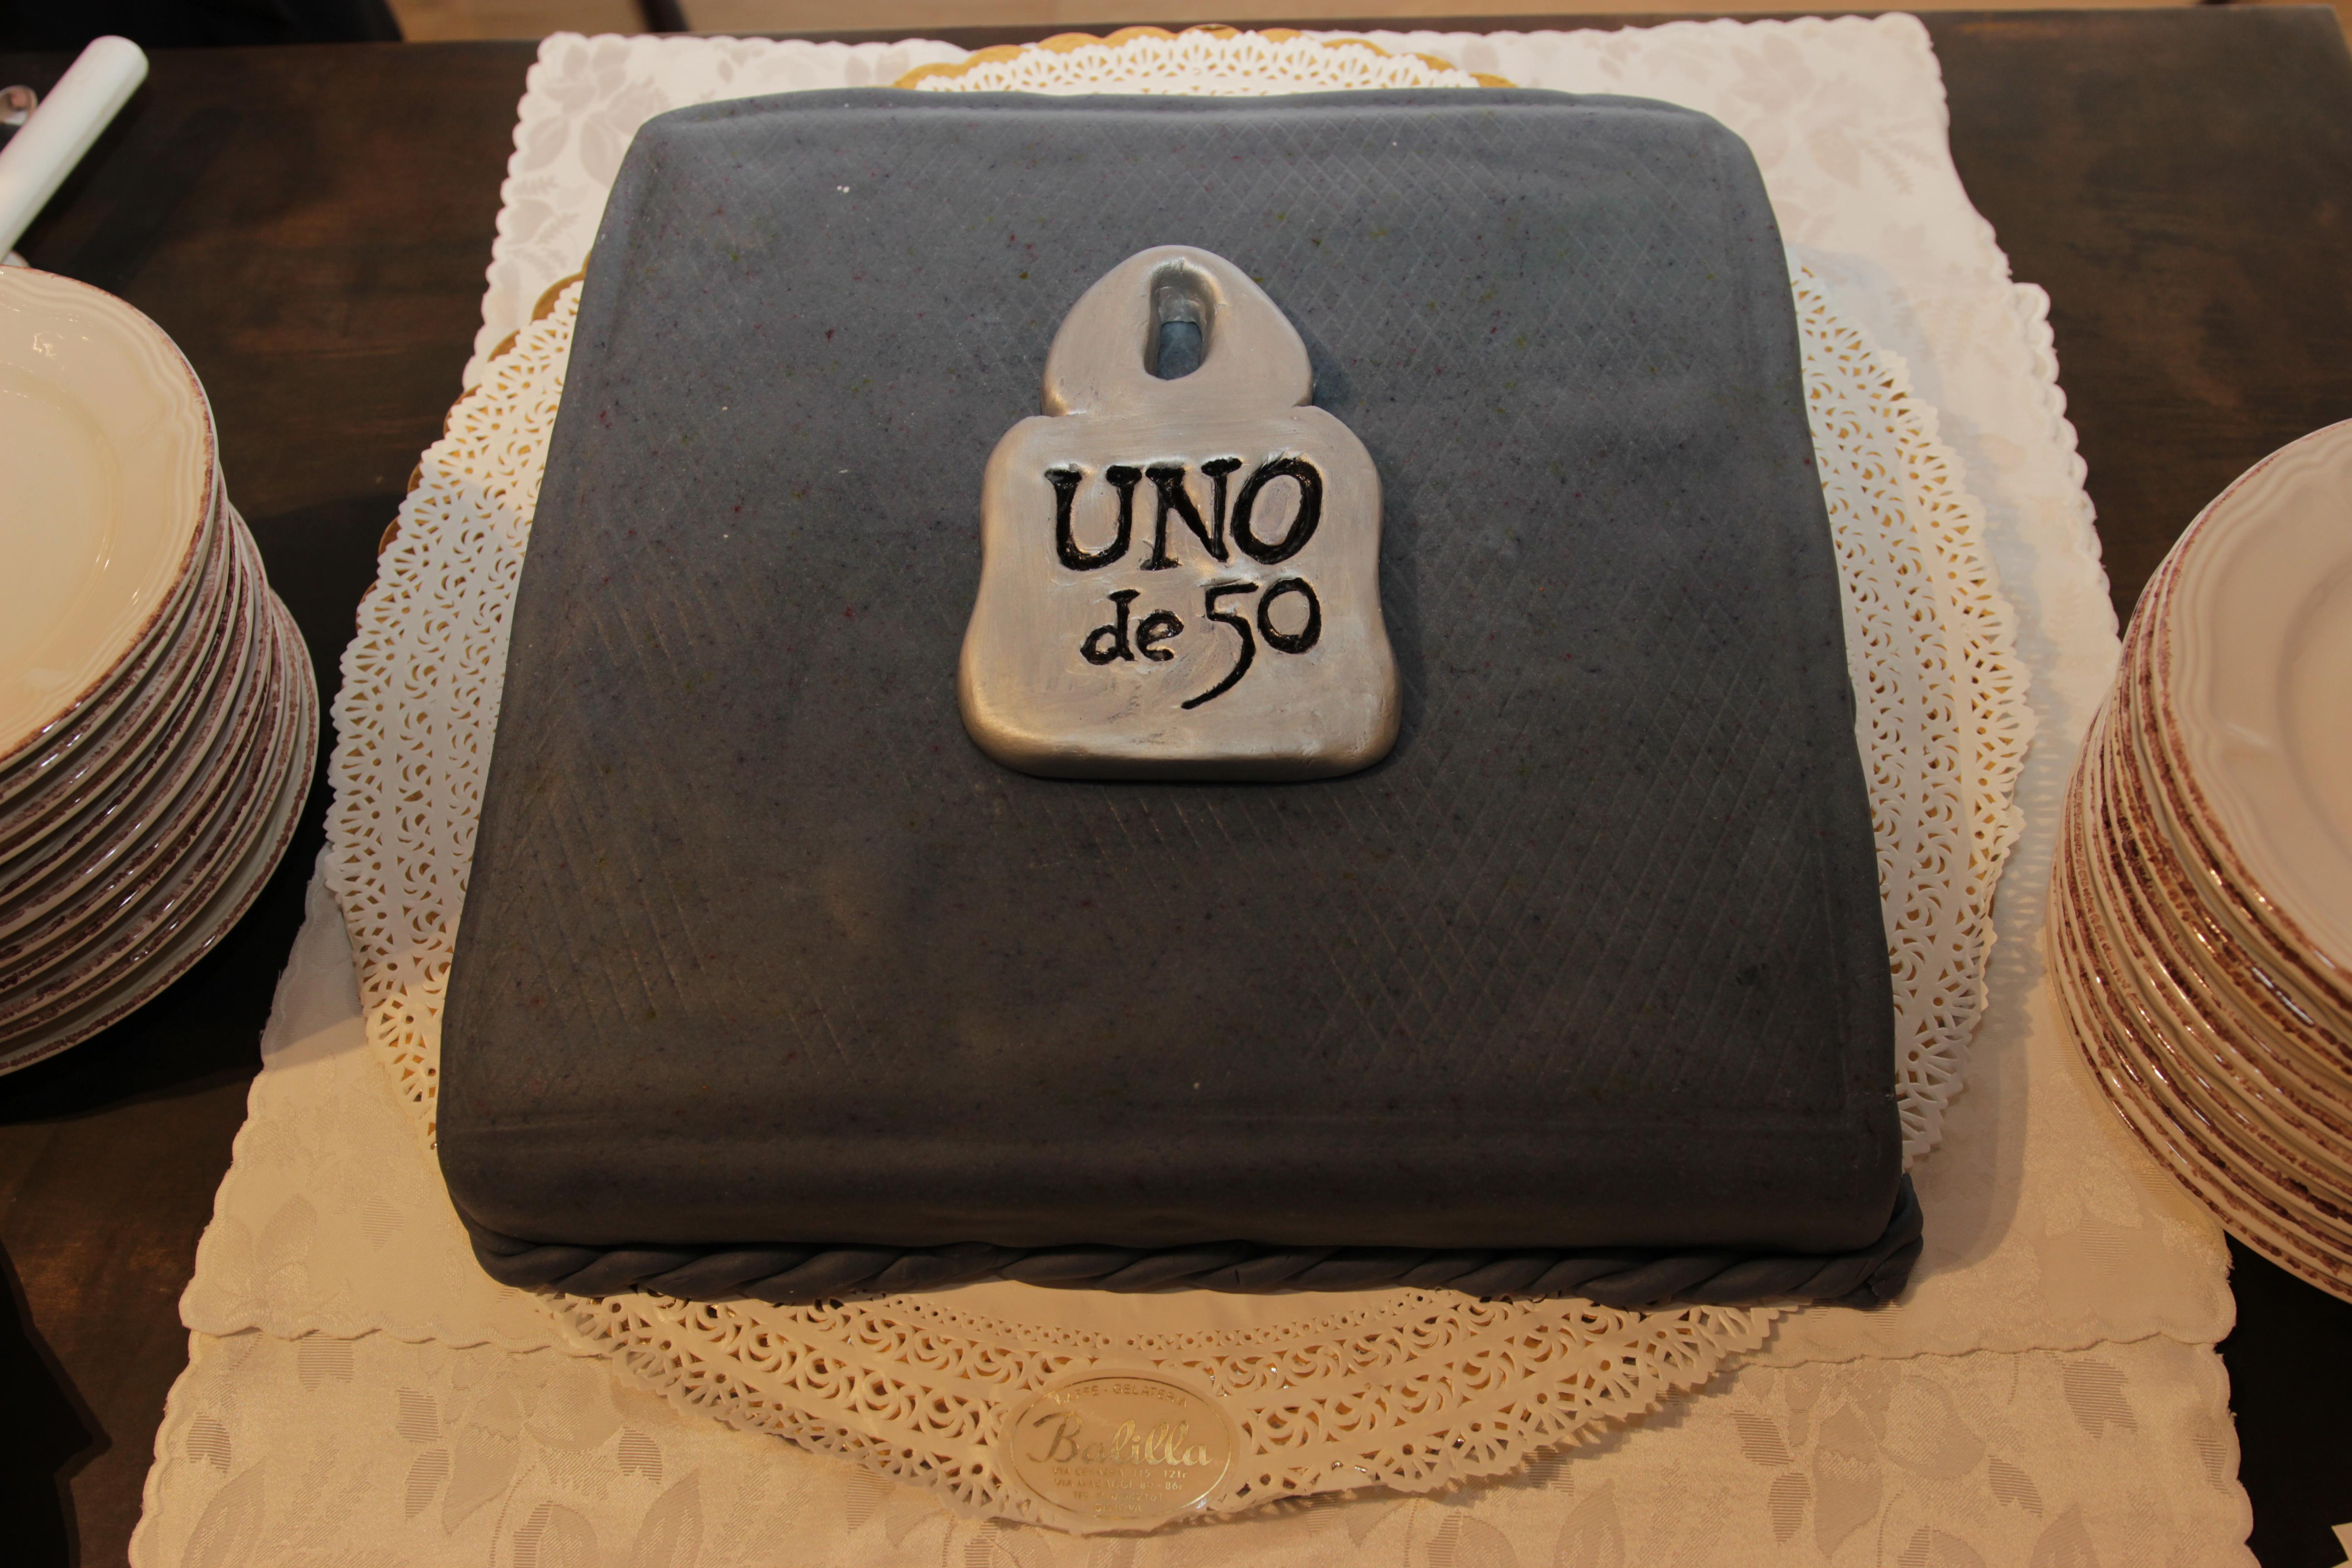 Unode50 Genova inaugurazione